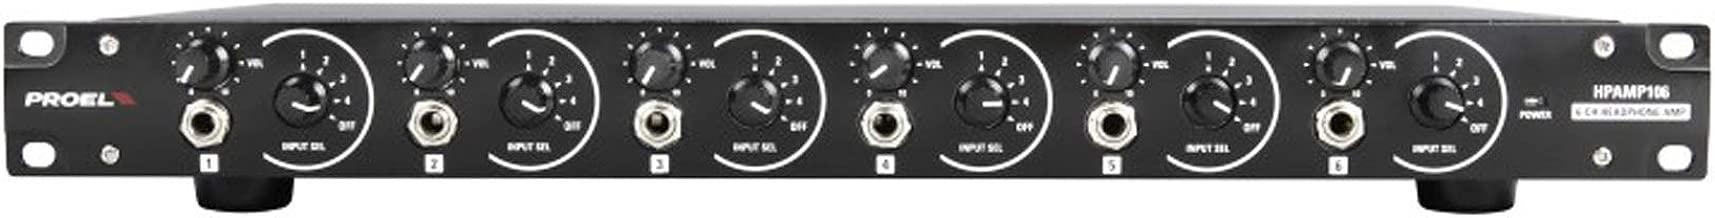 Proel hpamp1066canales Amplificador de auriculares